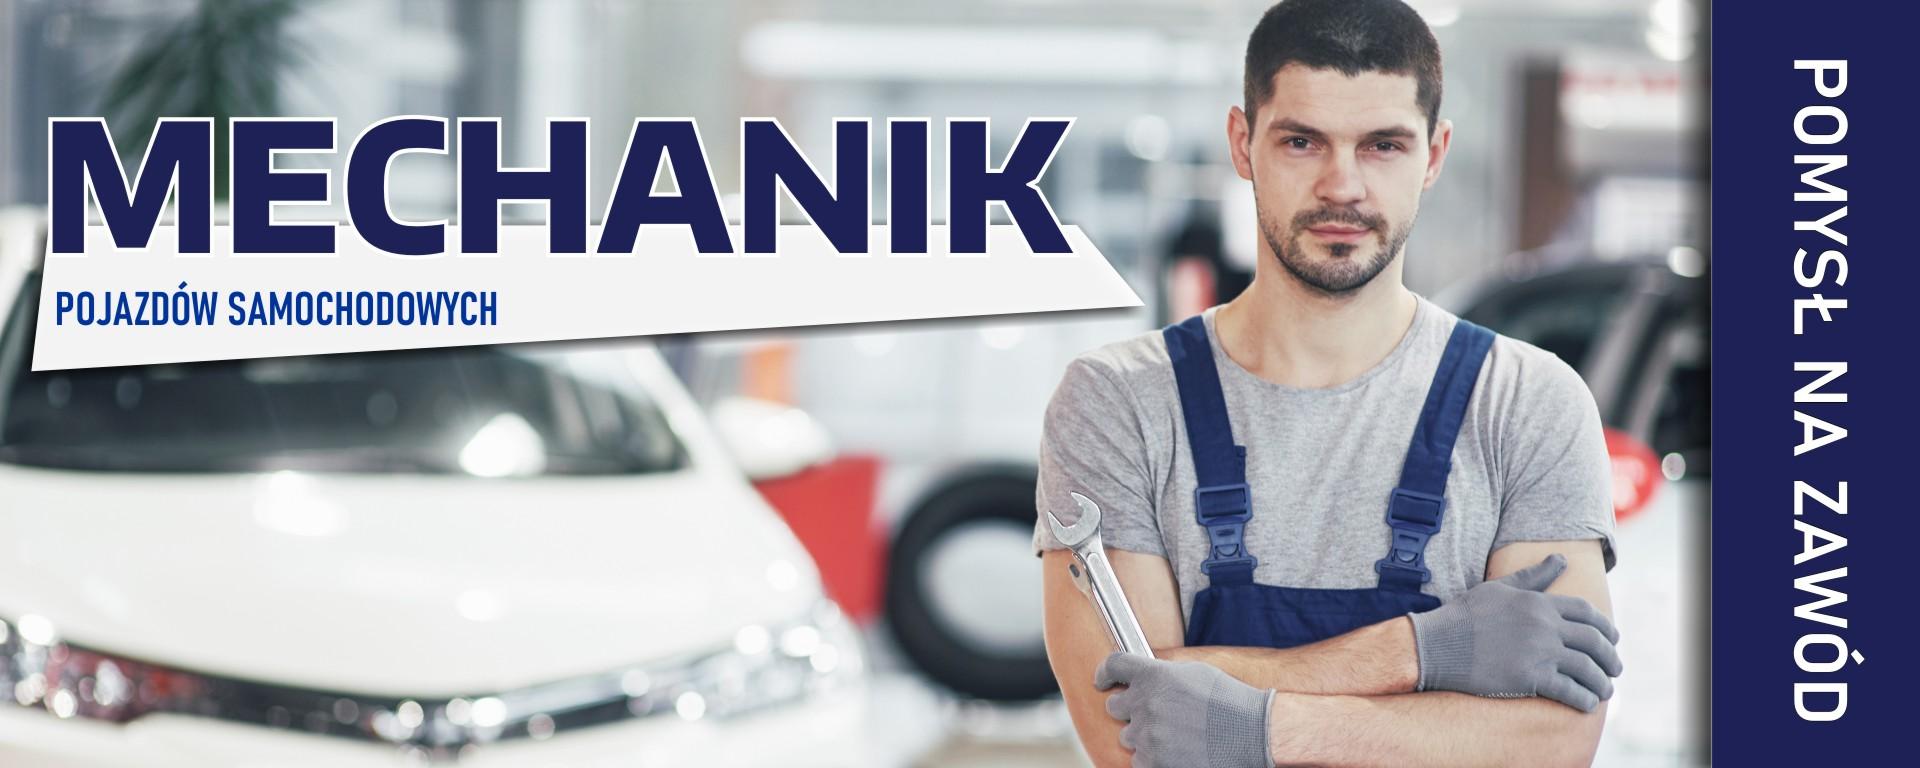 Baner - mechanik pojazdów samochodowych